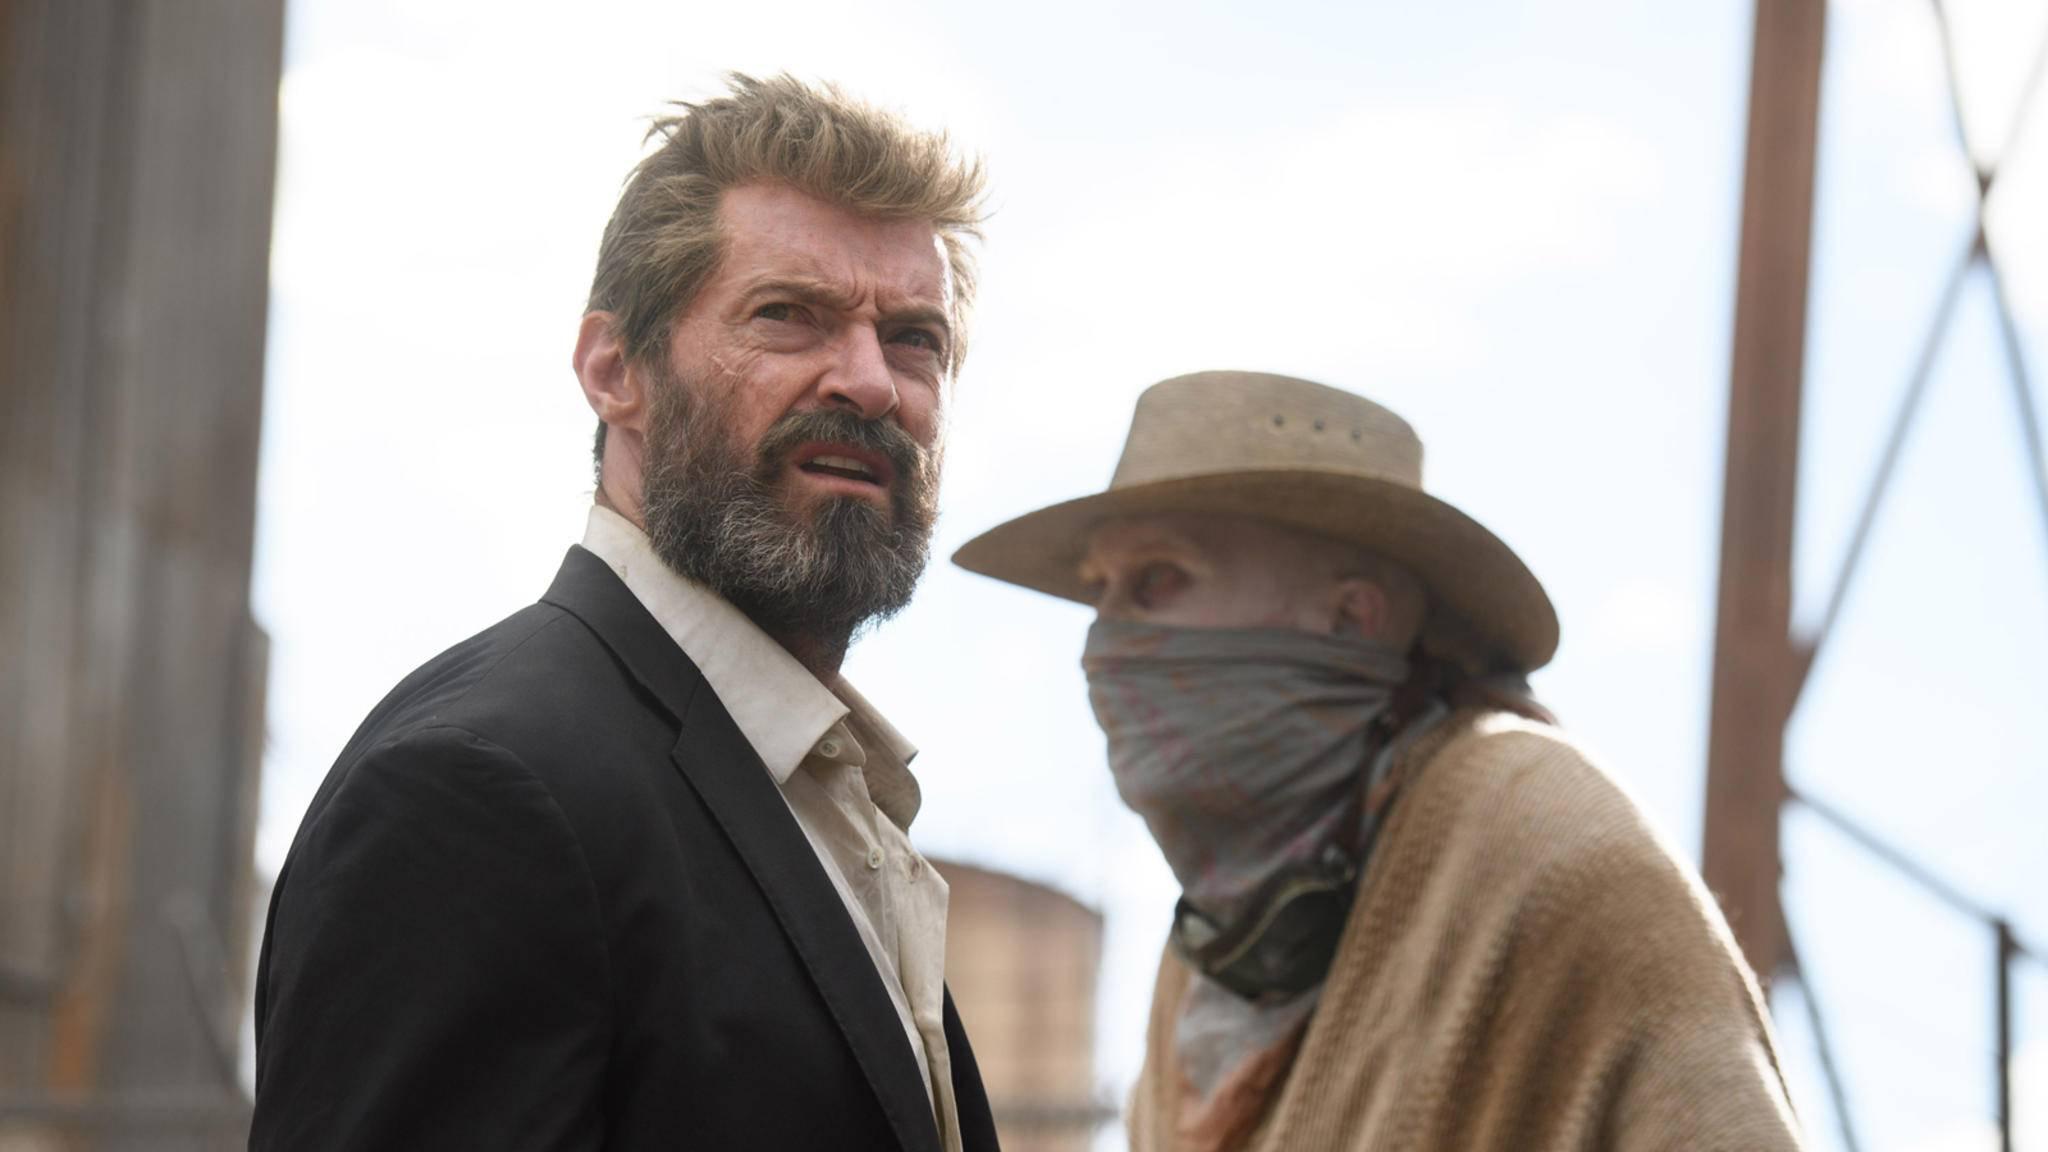 Da brauchst Du gar nicht so skeptisch gucken! Die X-Force stand tatsächlich einst unter der Leitung von Wolverine.